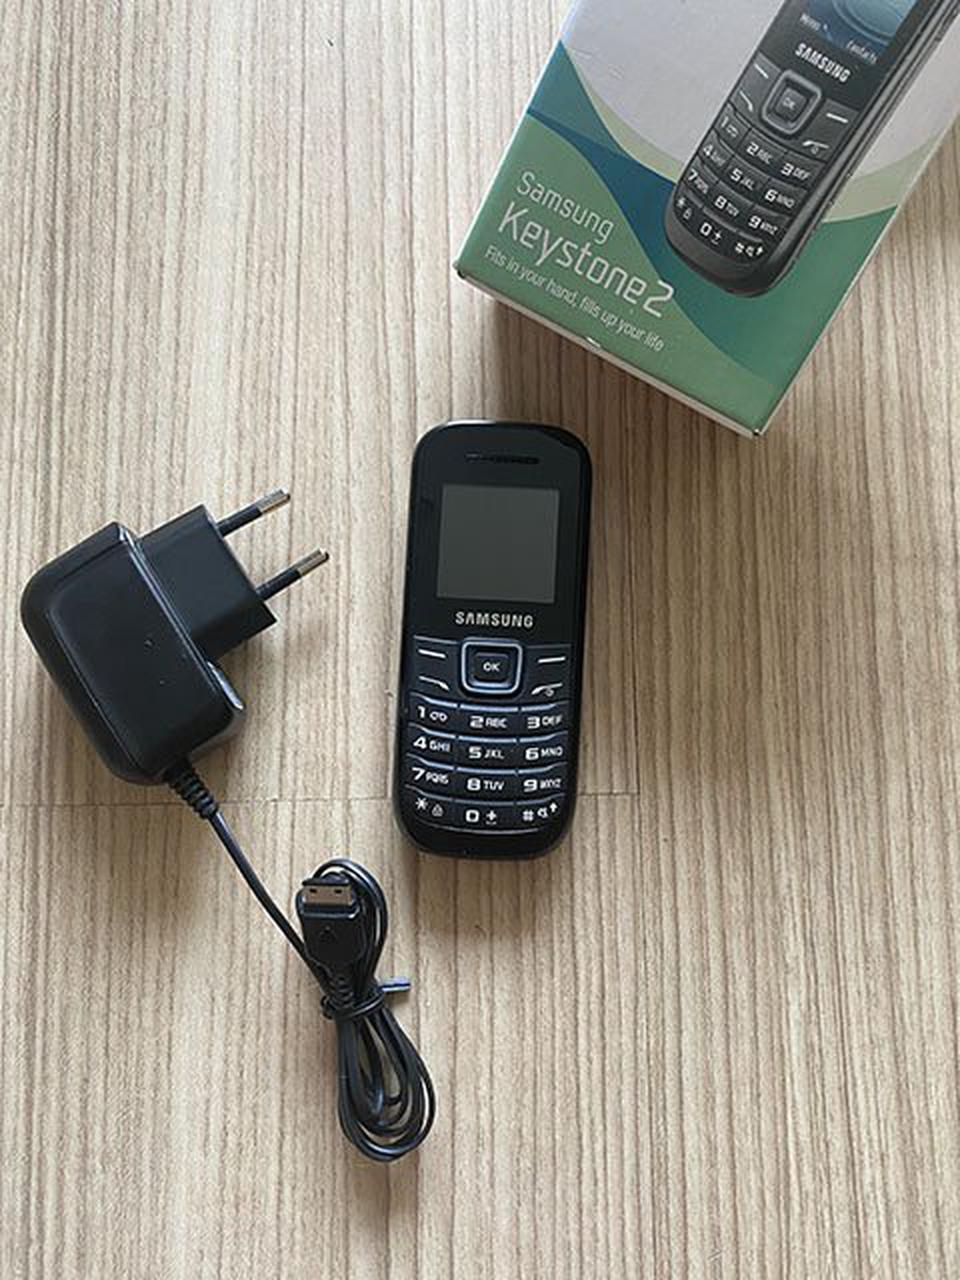 โทรศัพท์มือถือ Samsung keystone2 ซัมซุงฮีโร่เเบตอึดอยู่ได้5วัน มือสองสภาพดี ทนทาน เสียงชัด สัญญาณดี รูปที่ 5